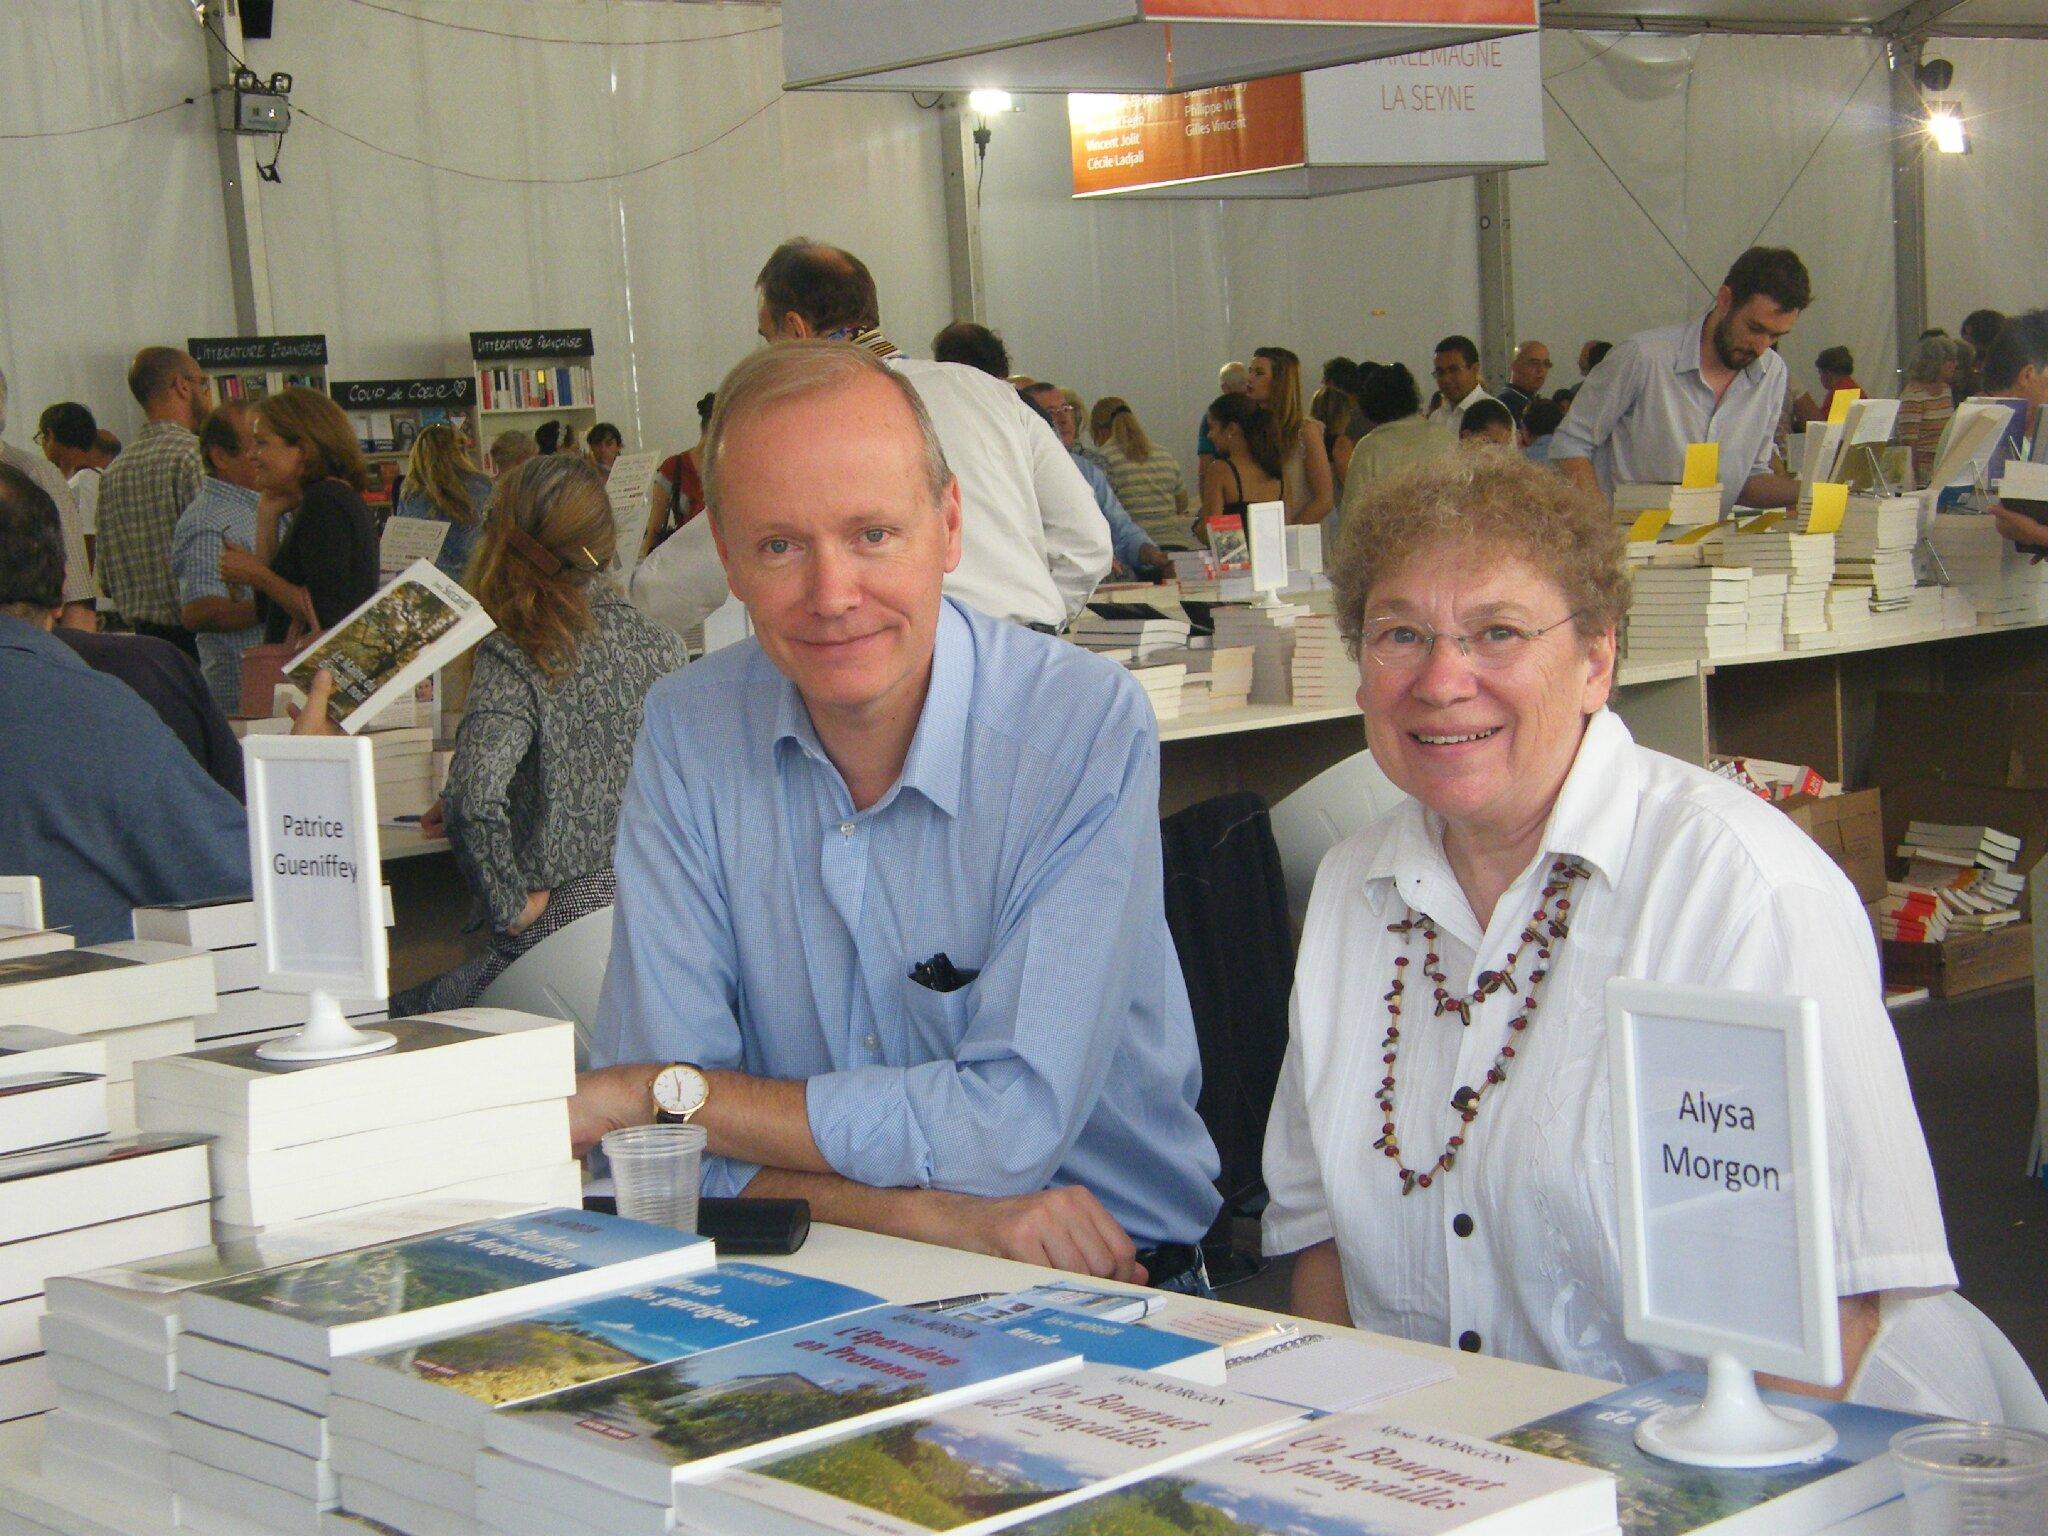 21 - Au salon du livre de Toulon, avec mon ami l'Historien et auteur Patrice Gueniffey